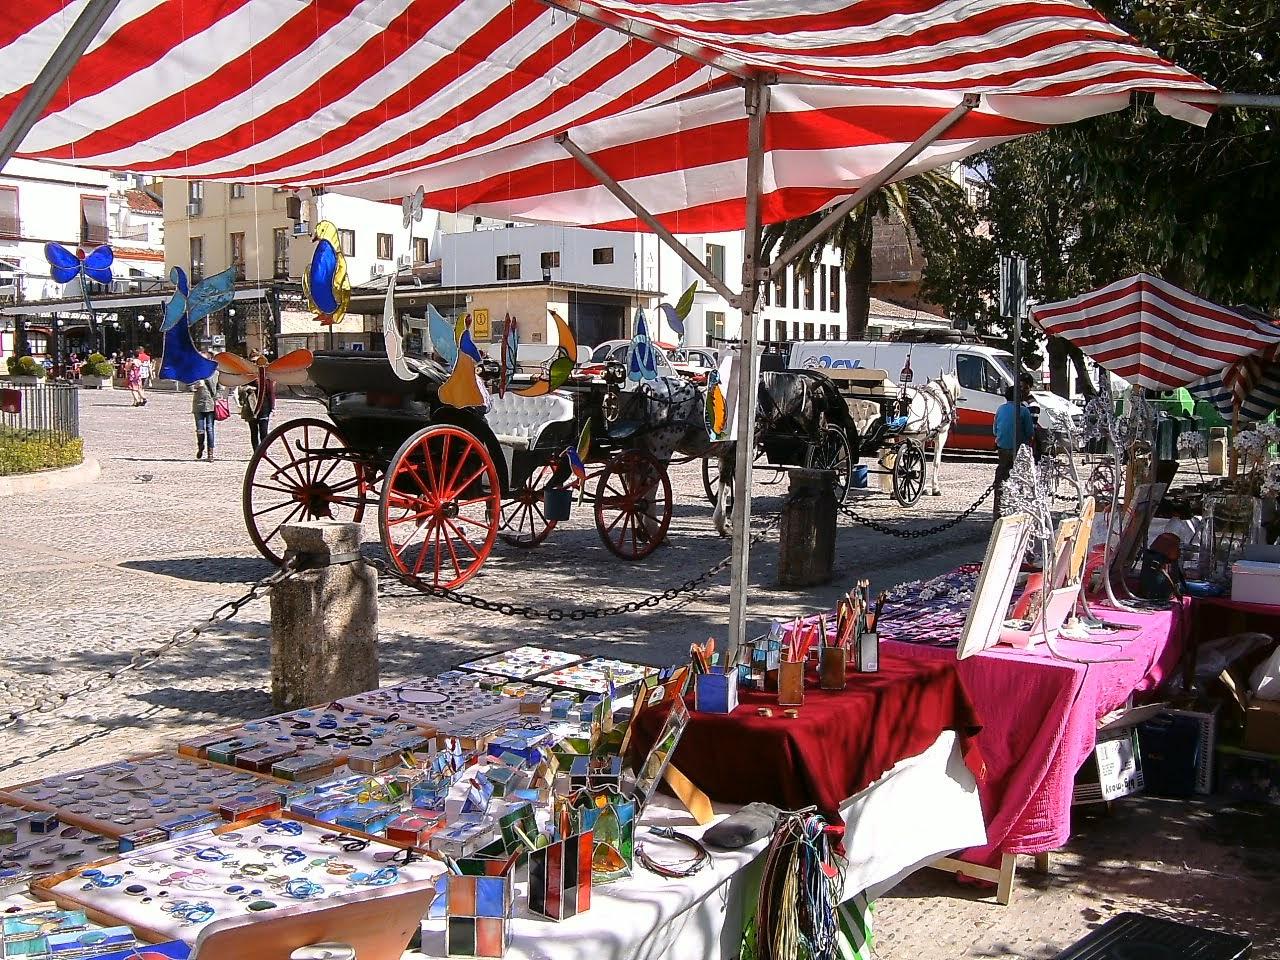 Mercado en Ronda (Málaga) de nuevo